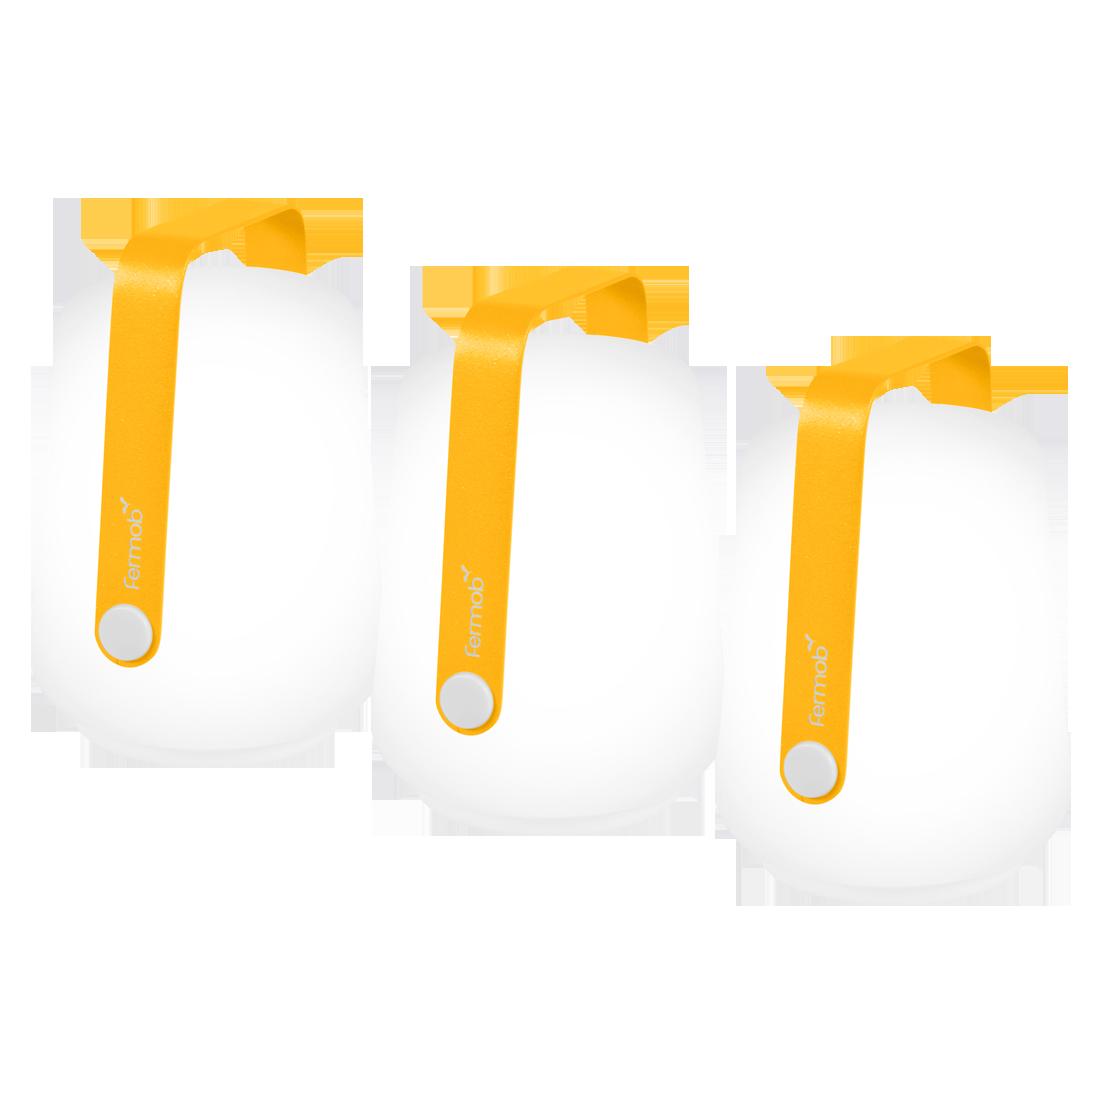 lampe fermob, lampe balad, lampe balade, lampe baladeuse, lampe nomade, lampe sans fil, veilleuse, lampe de jardin, lampe fermob jaune